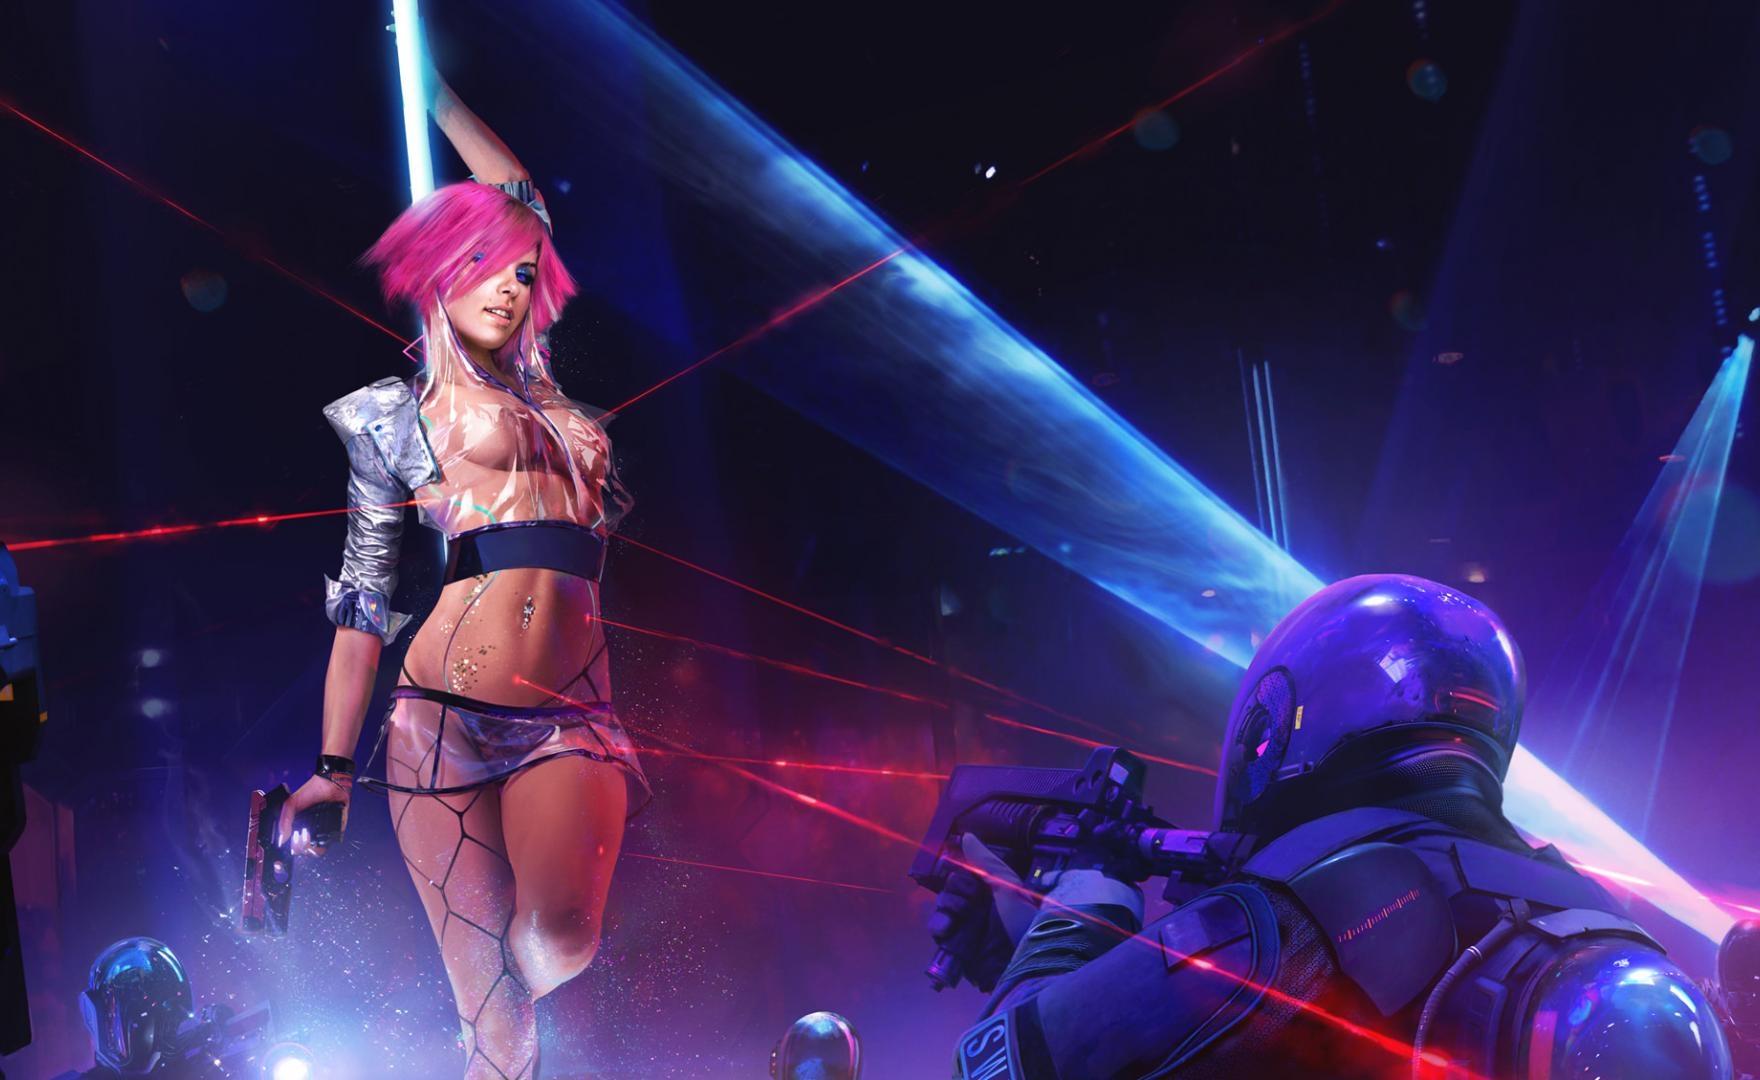 Cyberpunk 2077 primi minuti di gioco su PS4 Pro e PS5